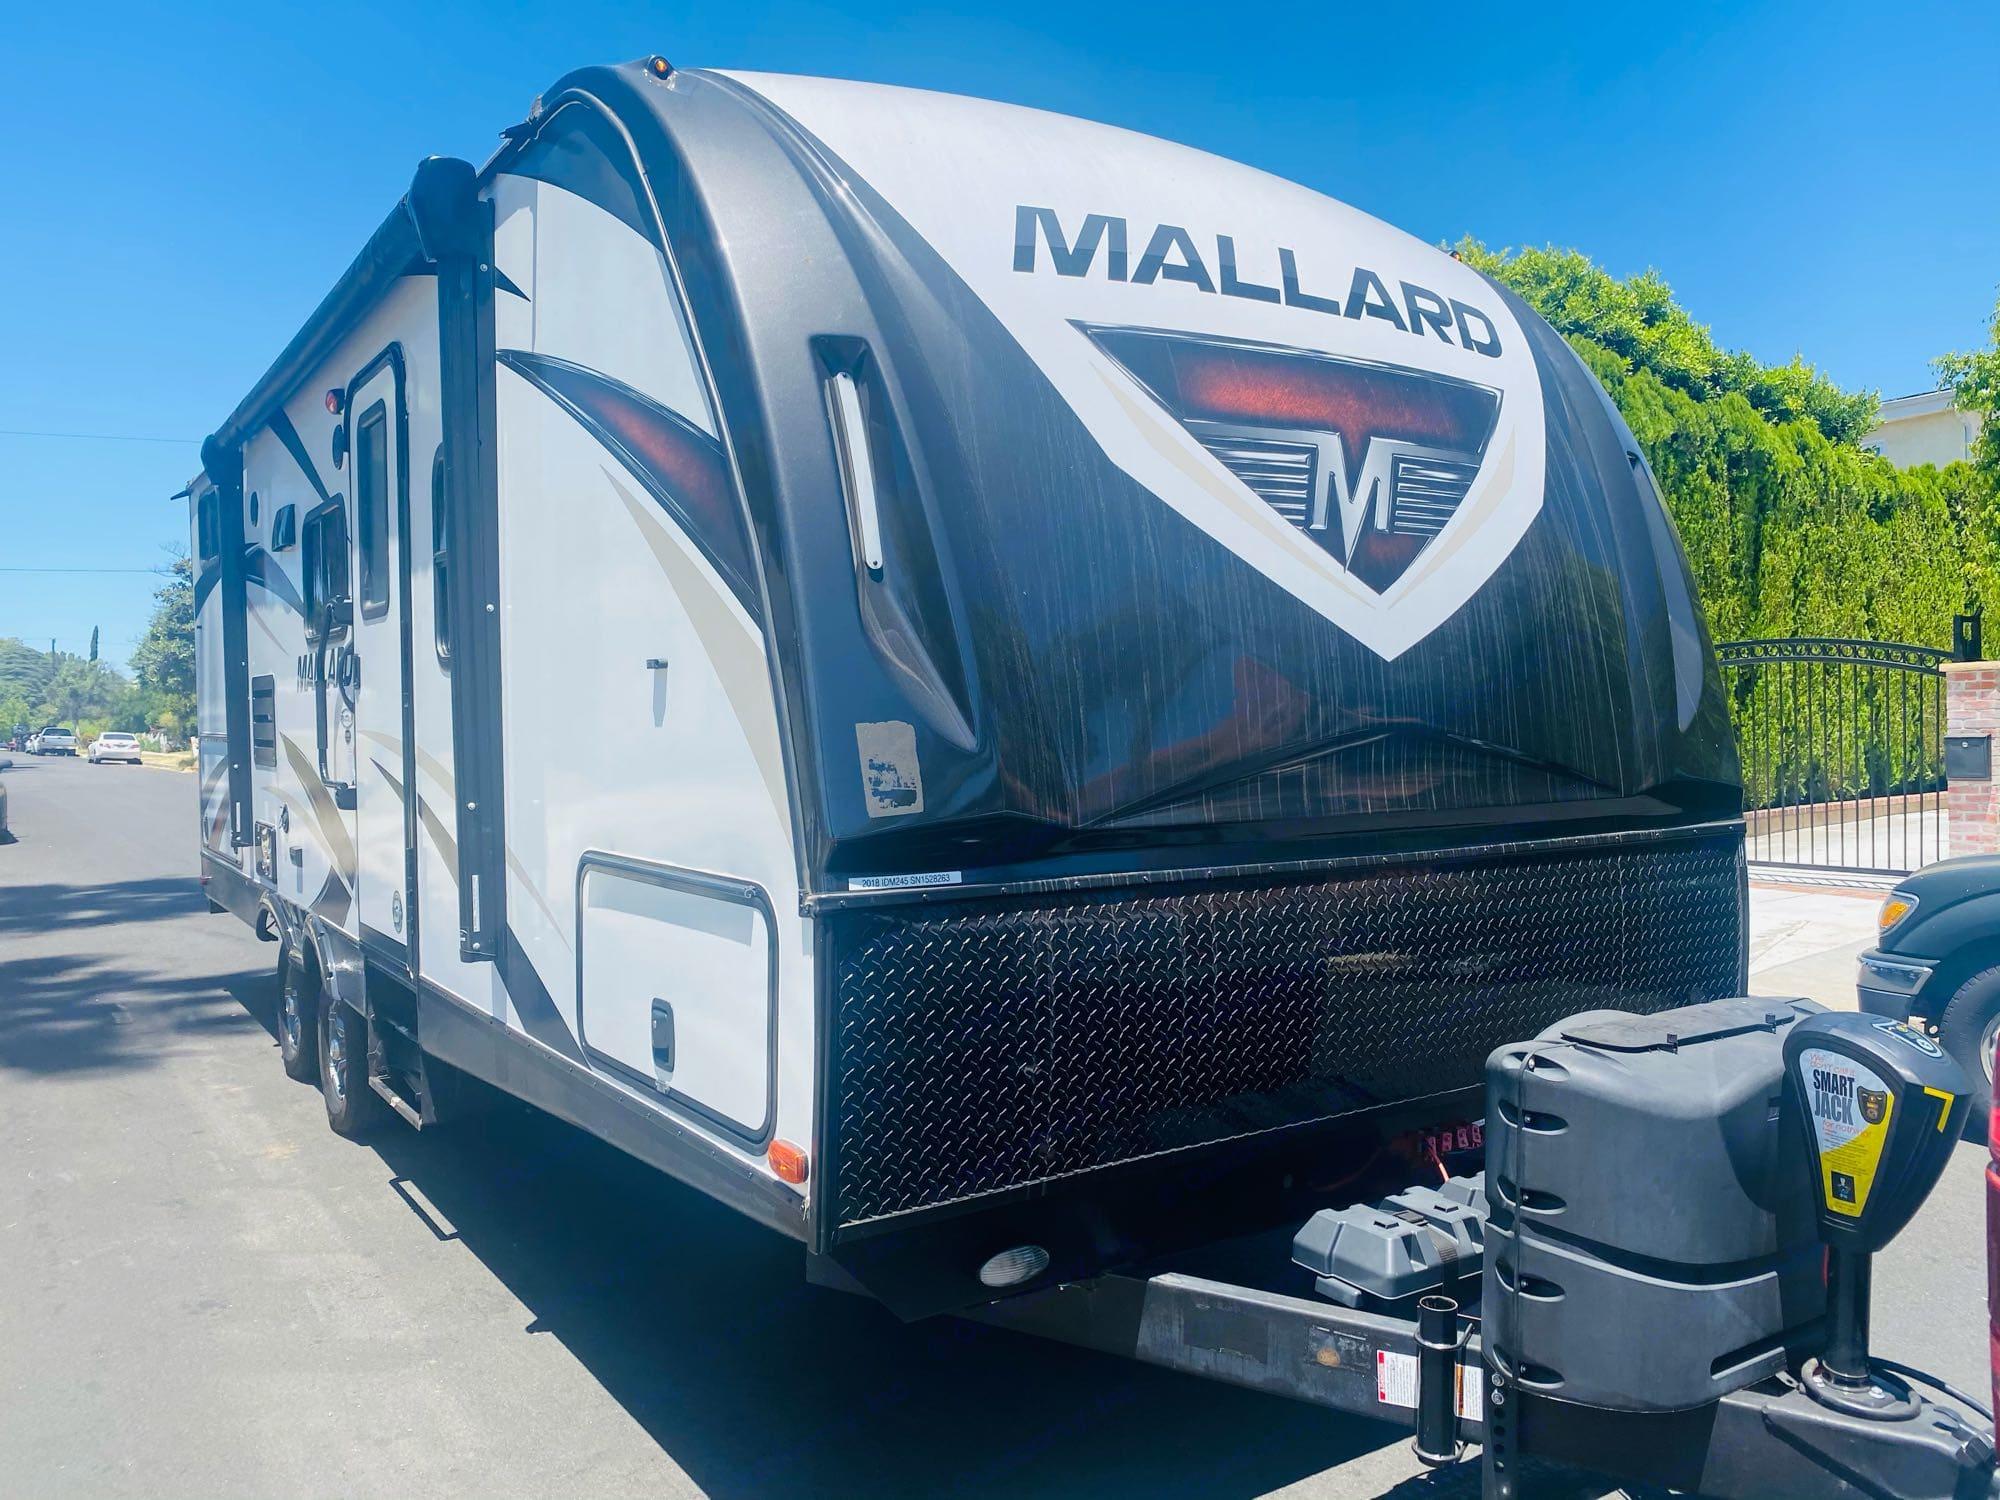 Heartland Mallard 2018